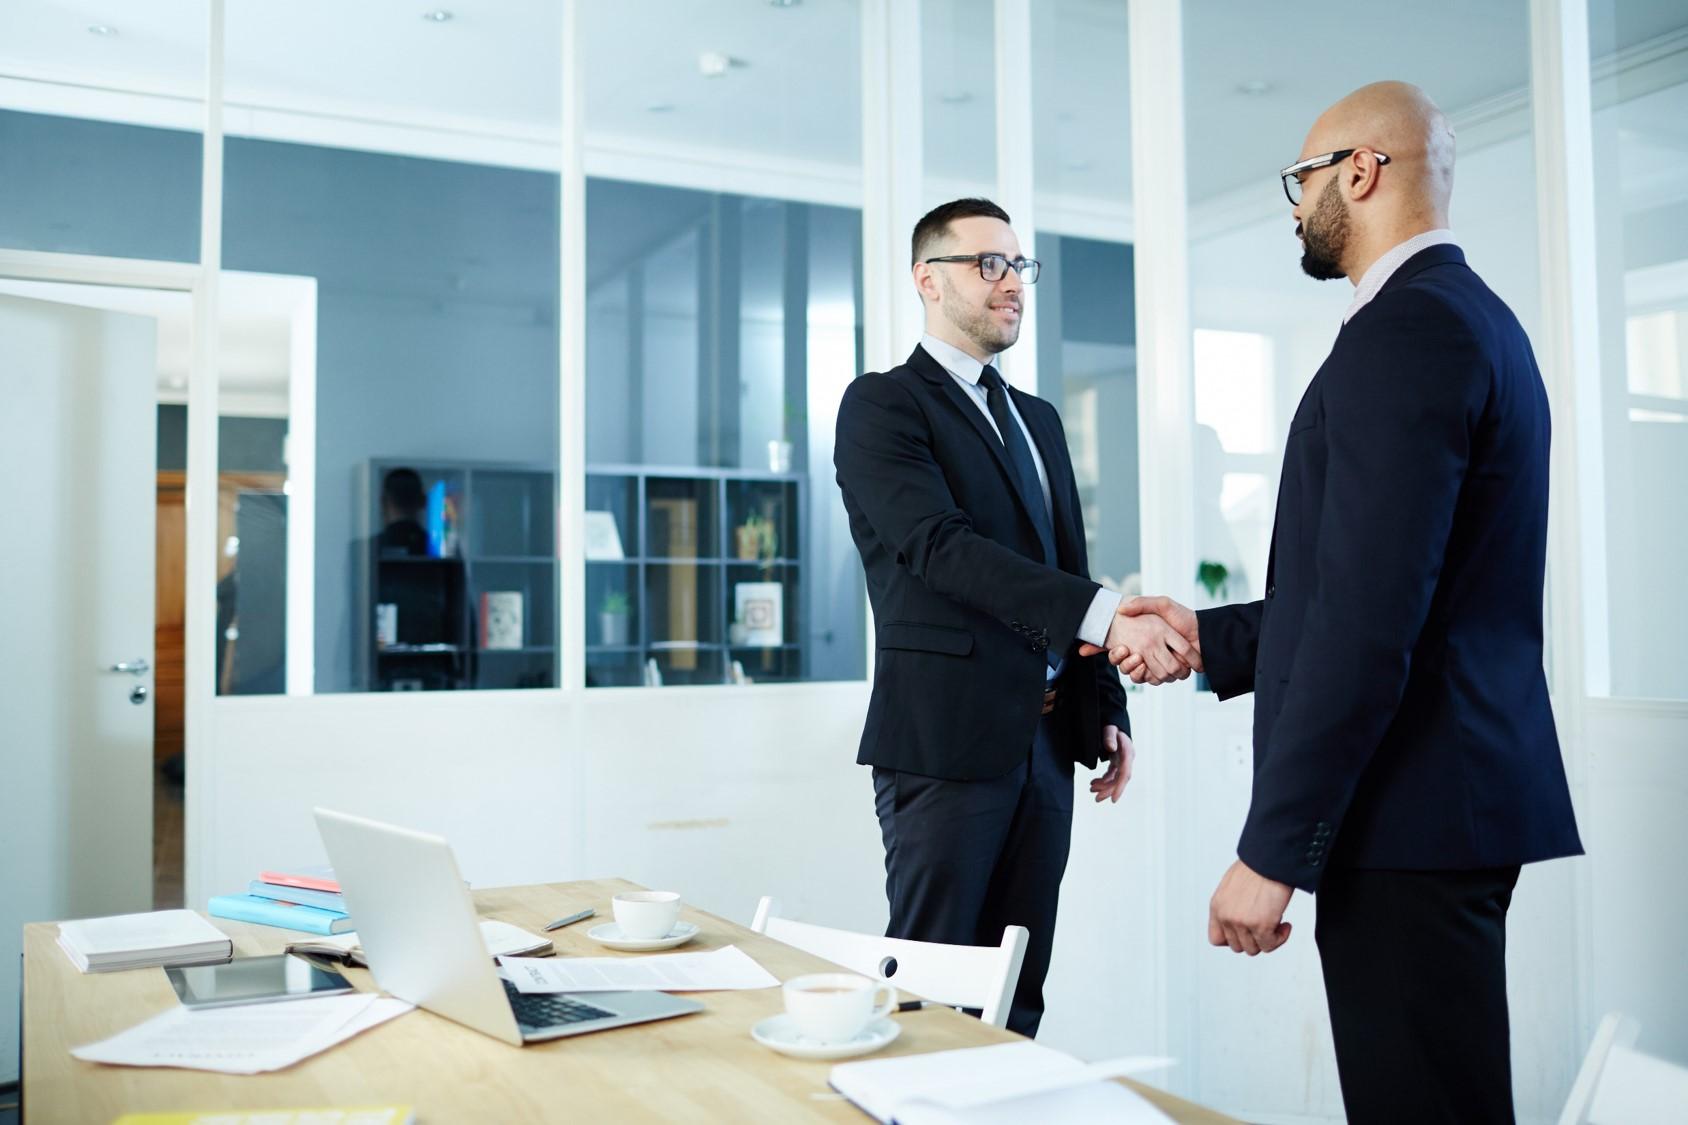 Dwóch mężczyzn w okularach w średnim wieku, ubranych w garnitury stoi obok stołu w sali konferencyjnej i wymienia ze sobą uścisk dłoni.